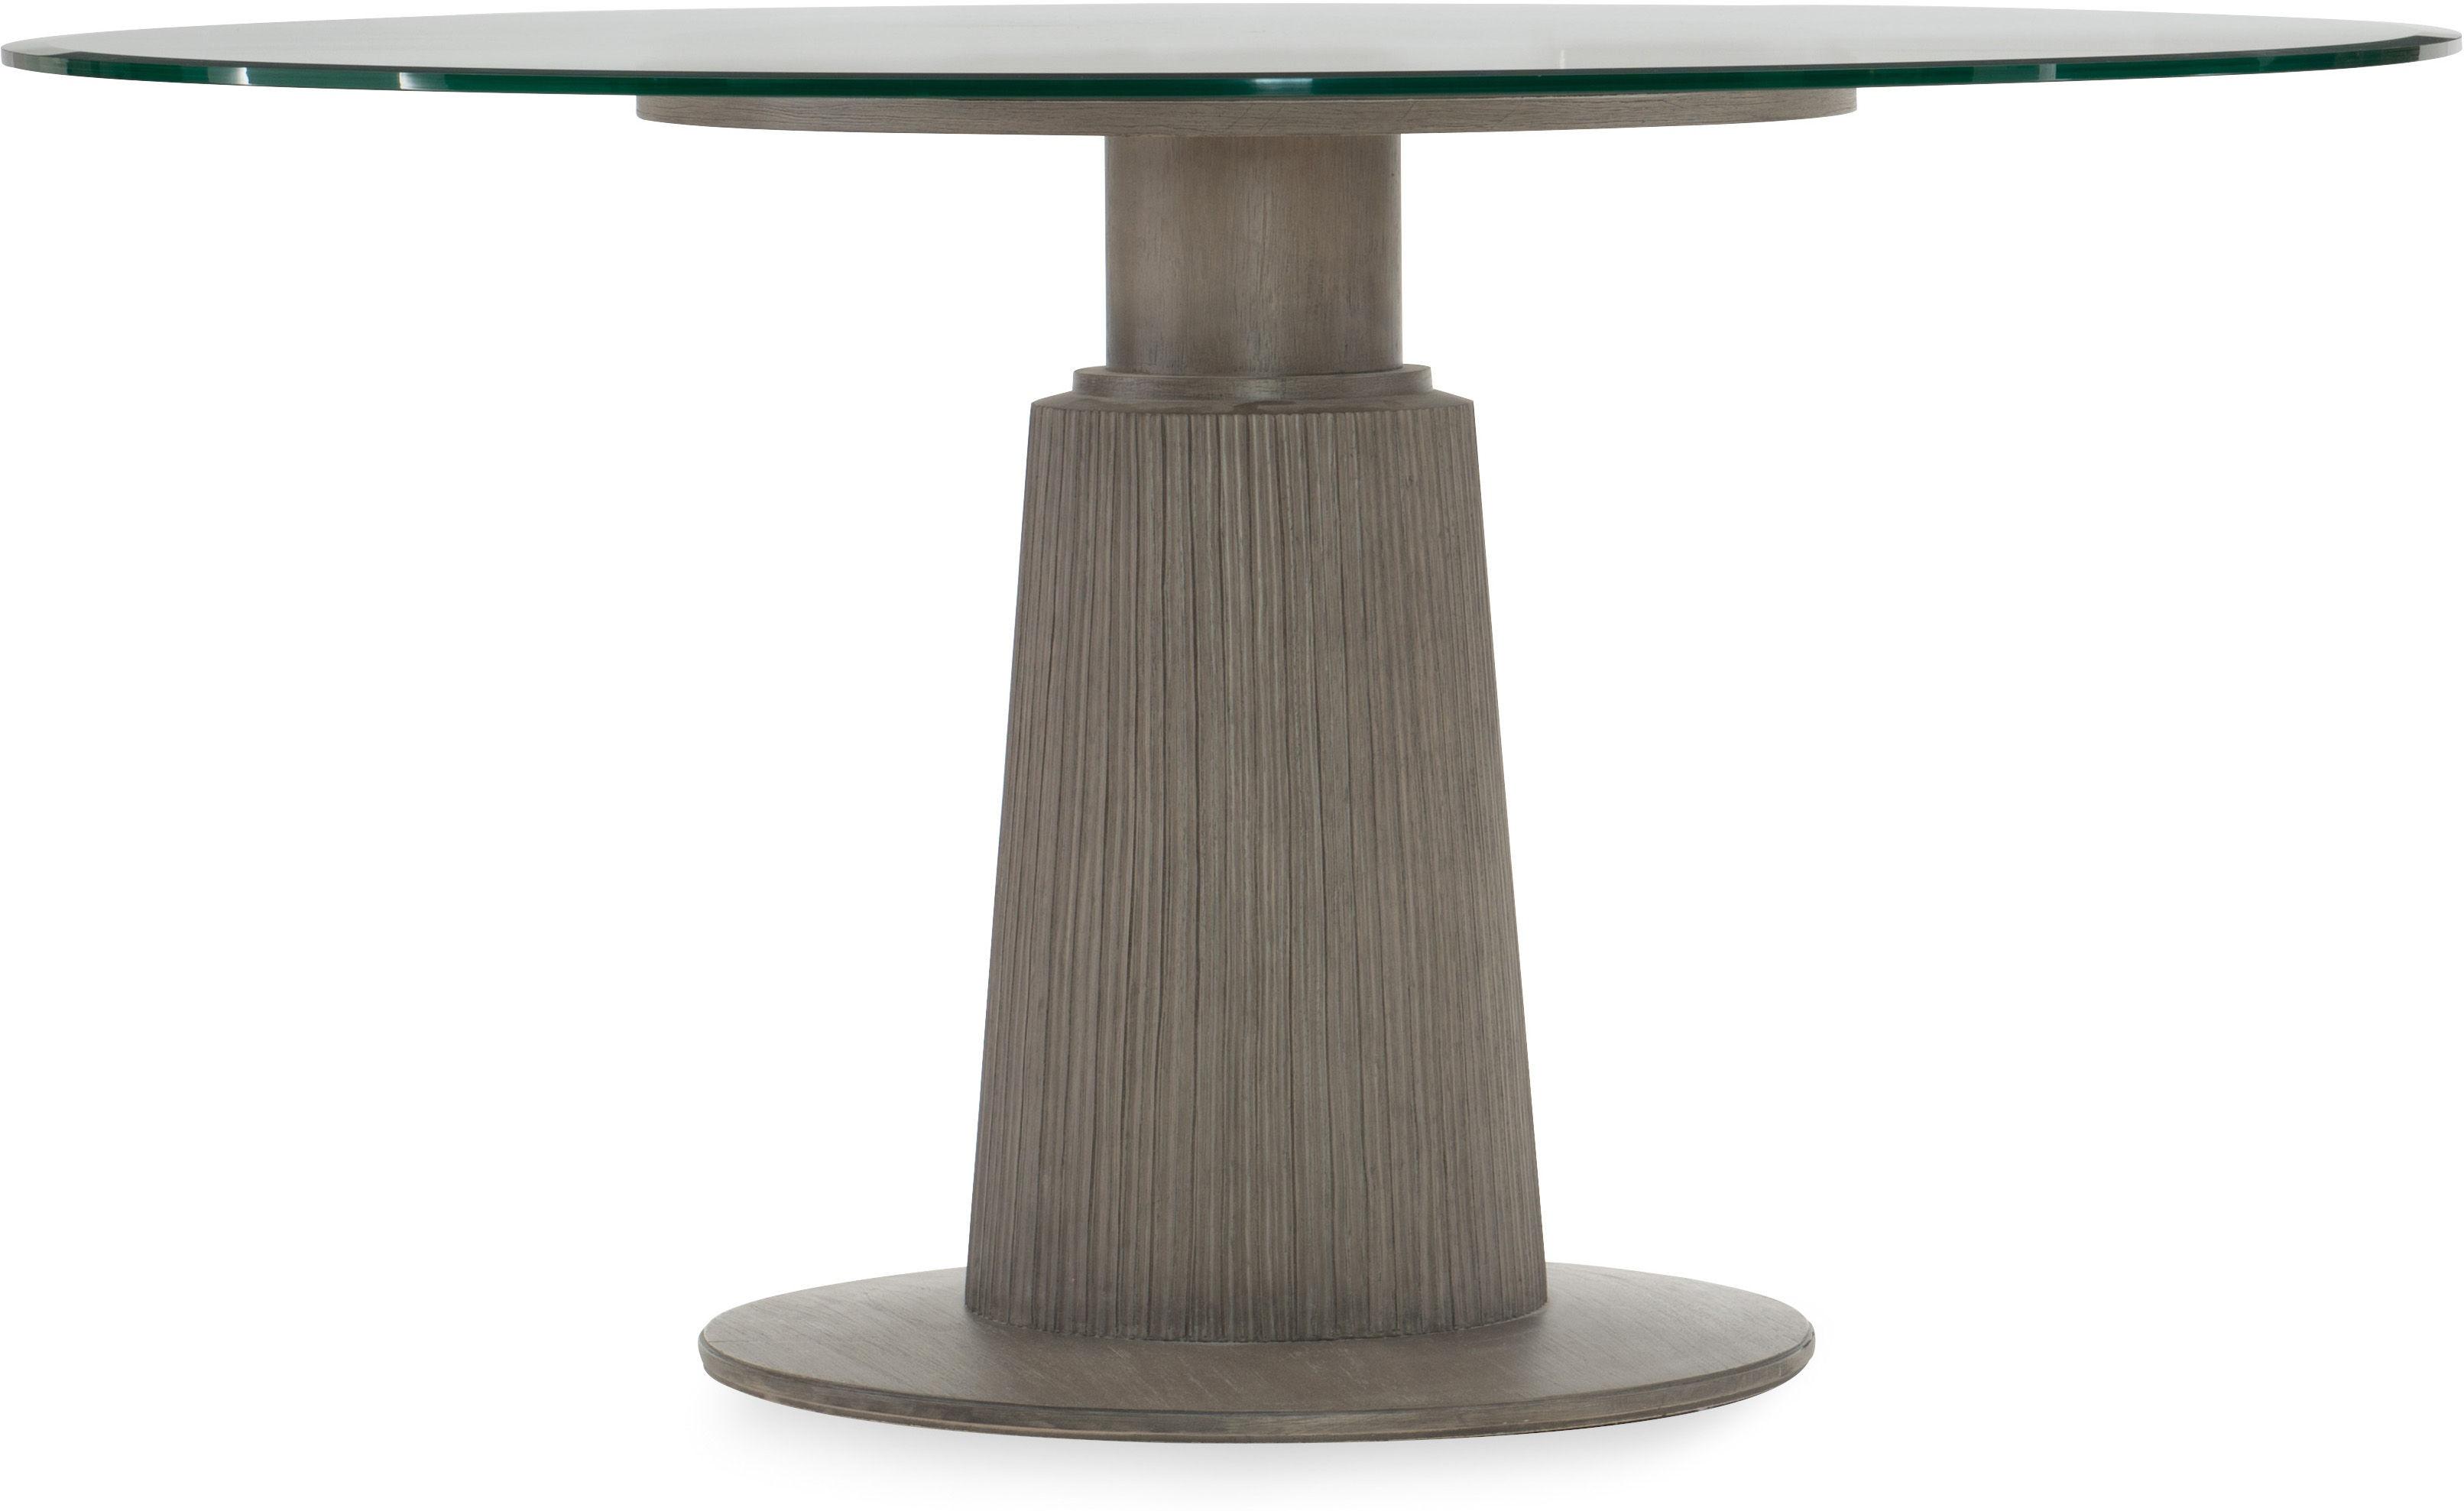 Round Dining Table santa barbara design center hookerfurniture 5990-75203-54